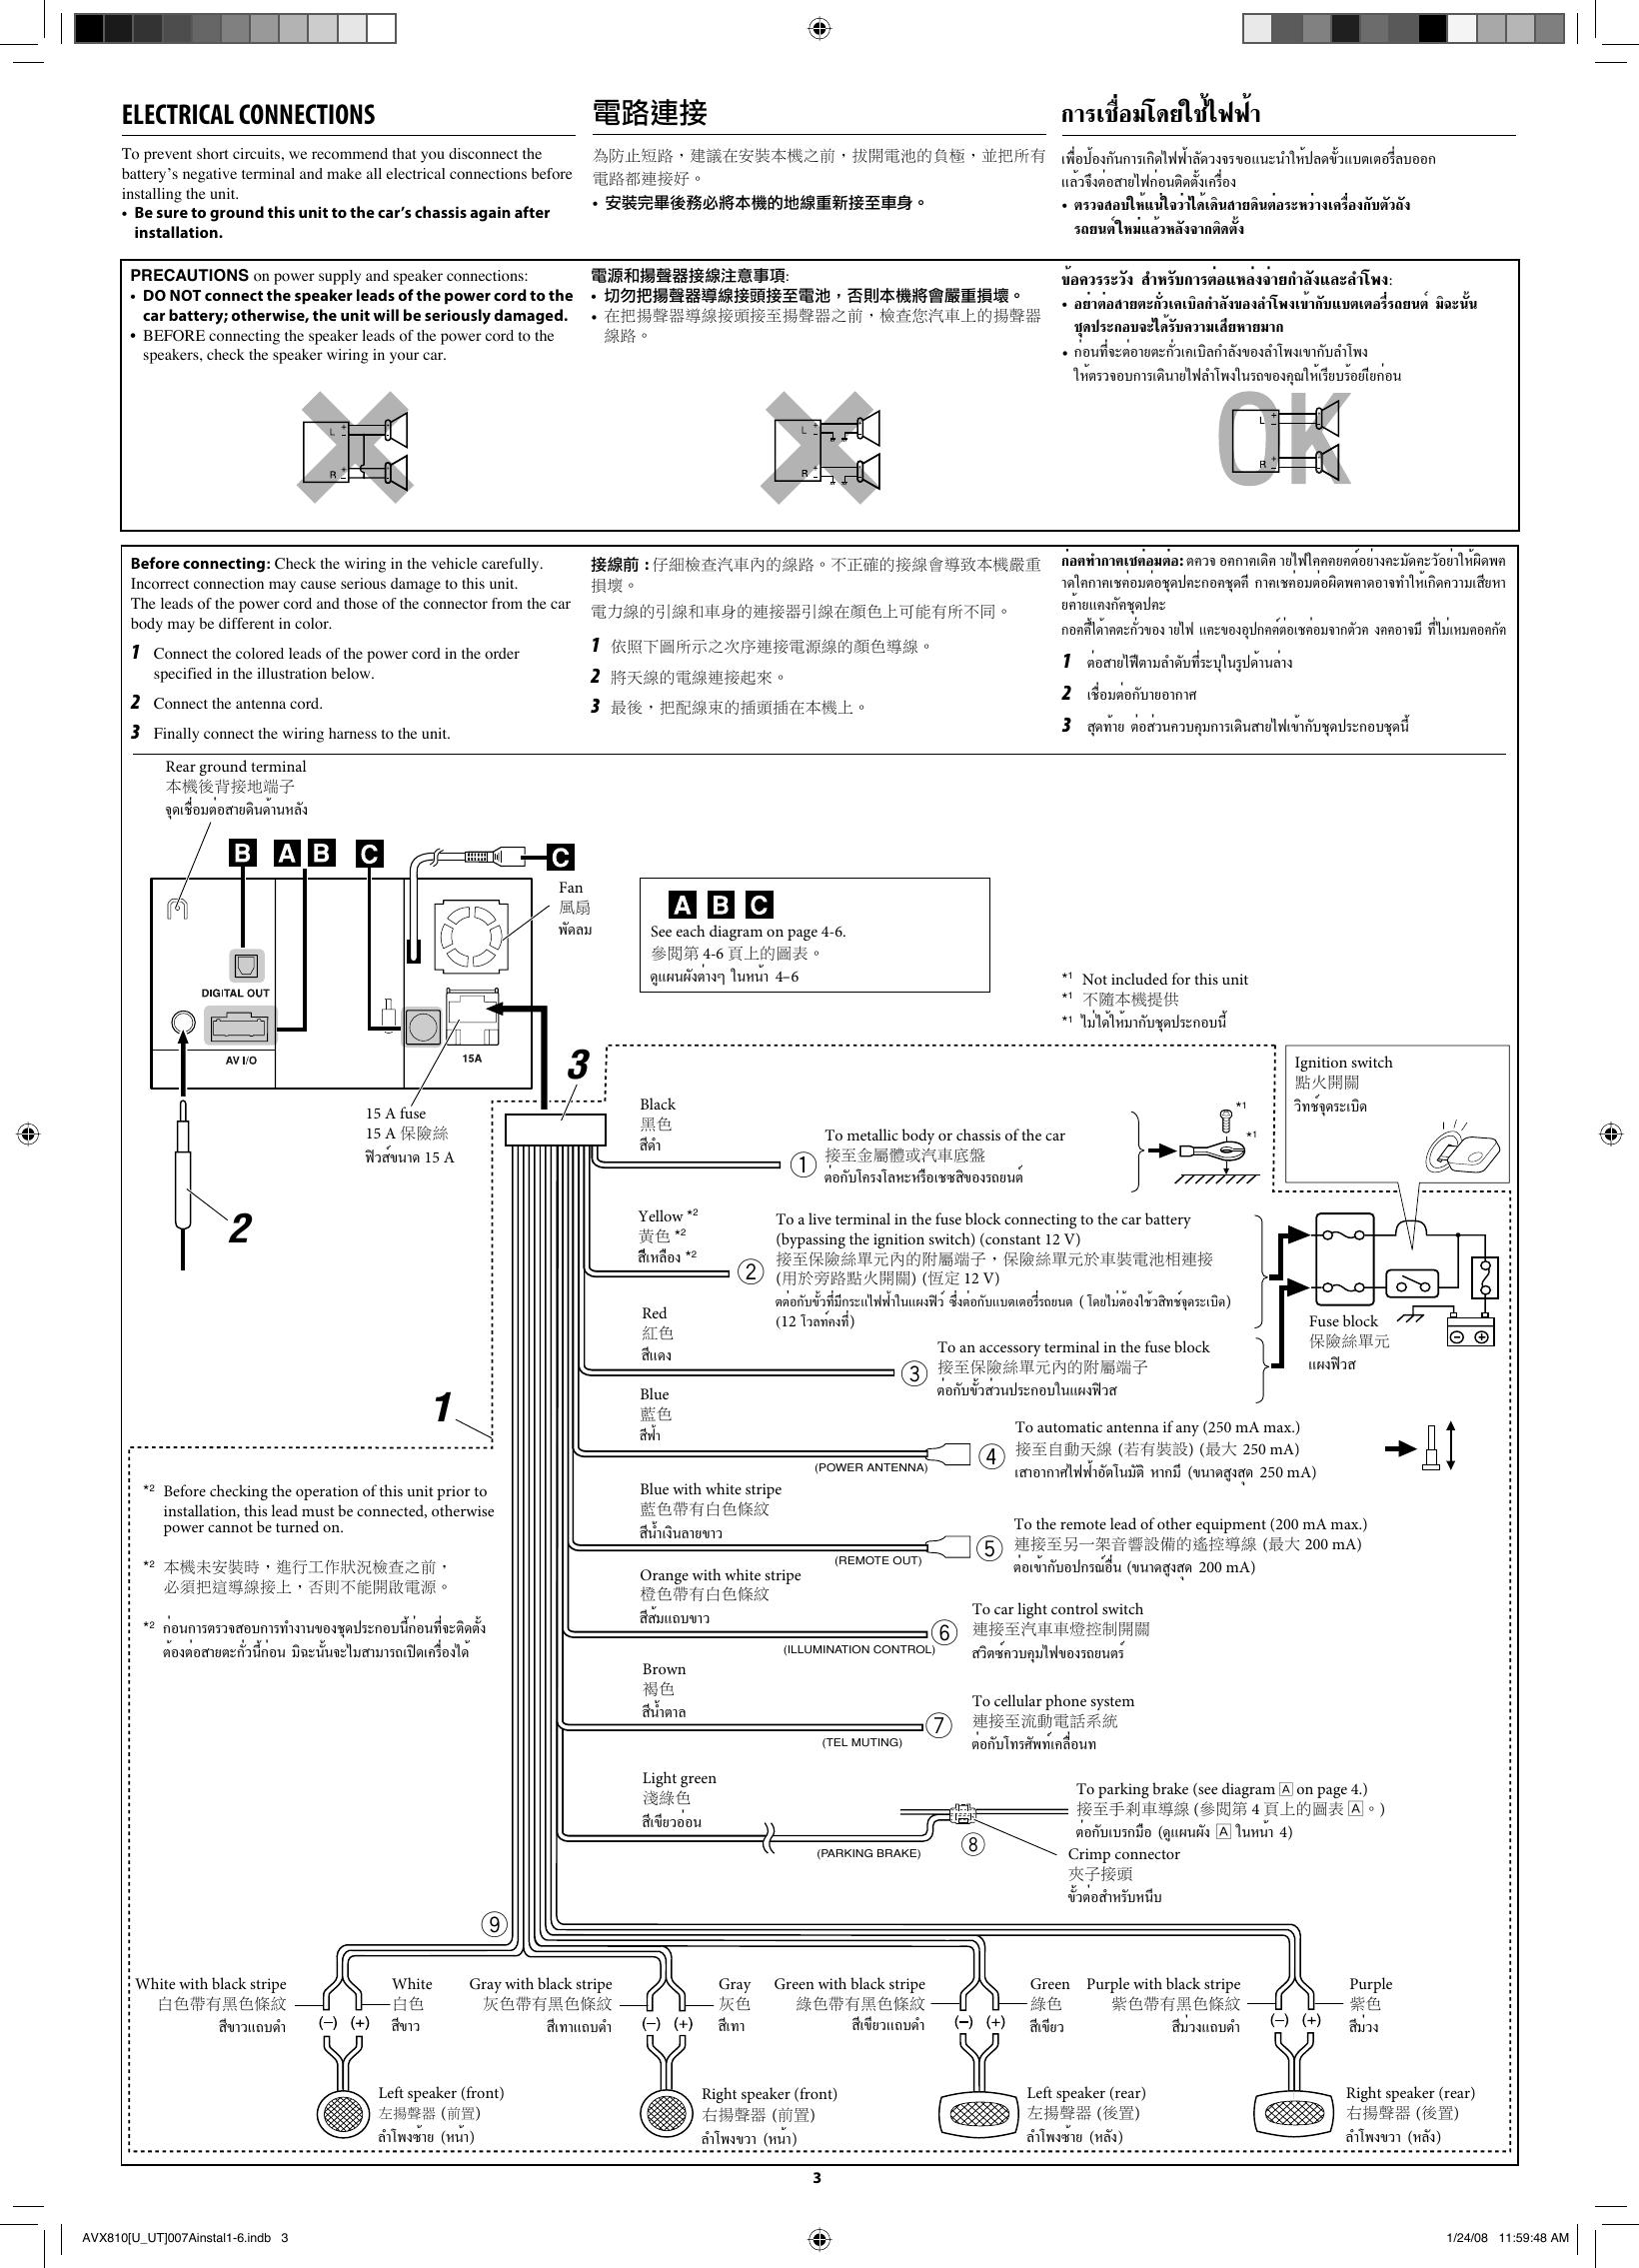 Jvc Kw Avx810 Wiring Diagram Electrical Diagrams R910bt Avx810ut Avx816 Avx815 U Ut Installation User Manual